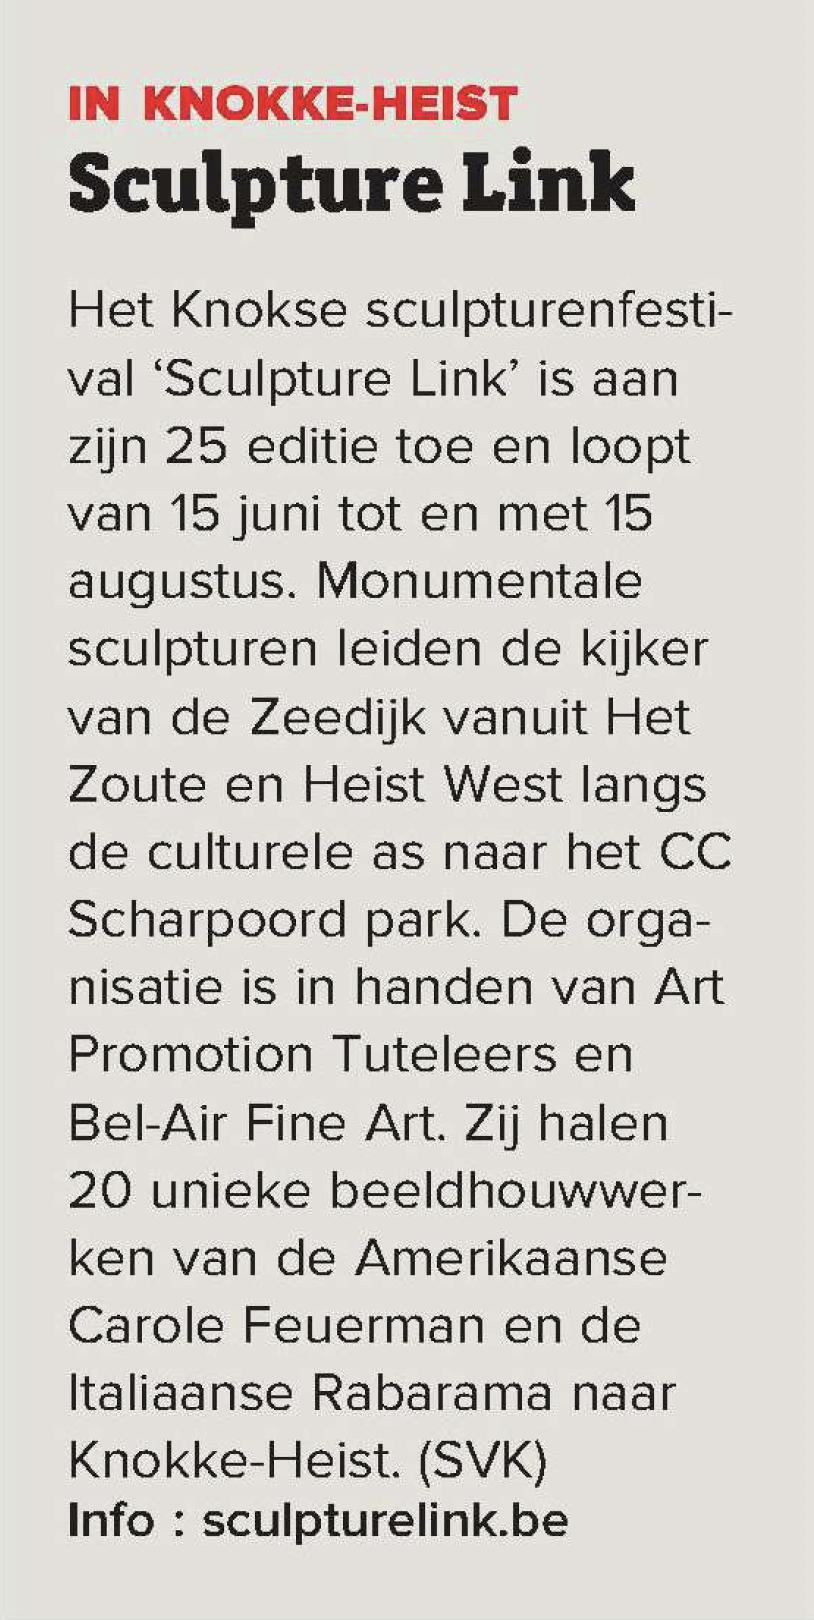 In Knokke-Heist Sculpture Link